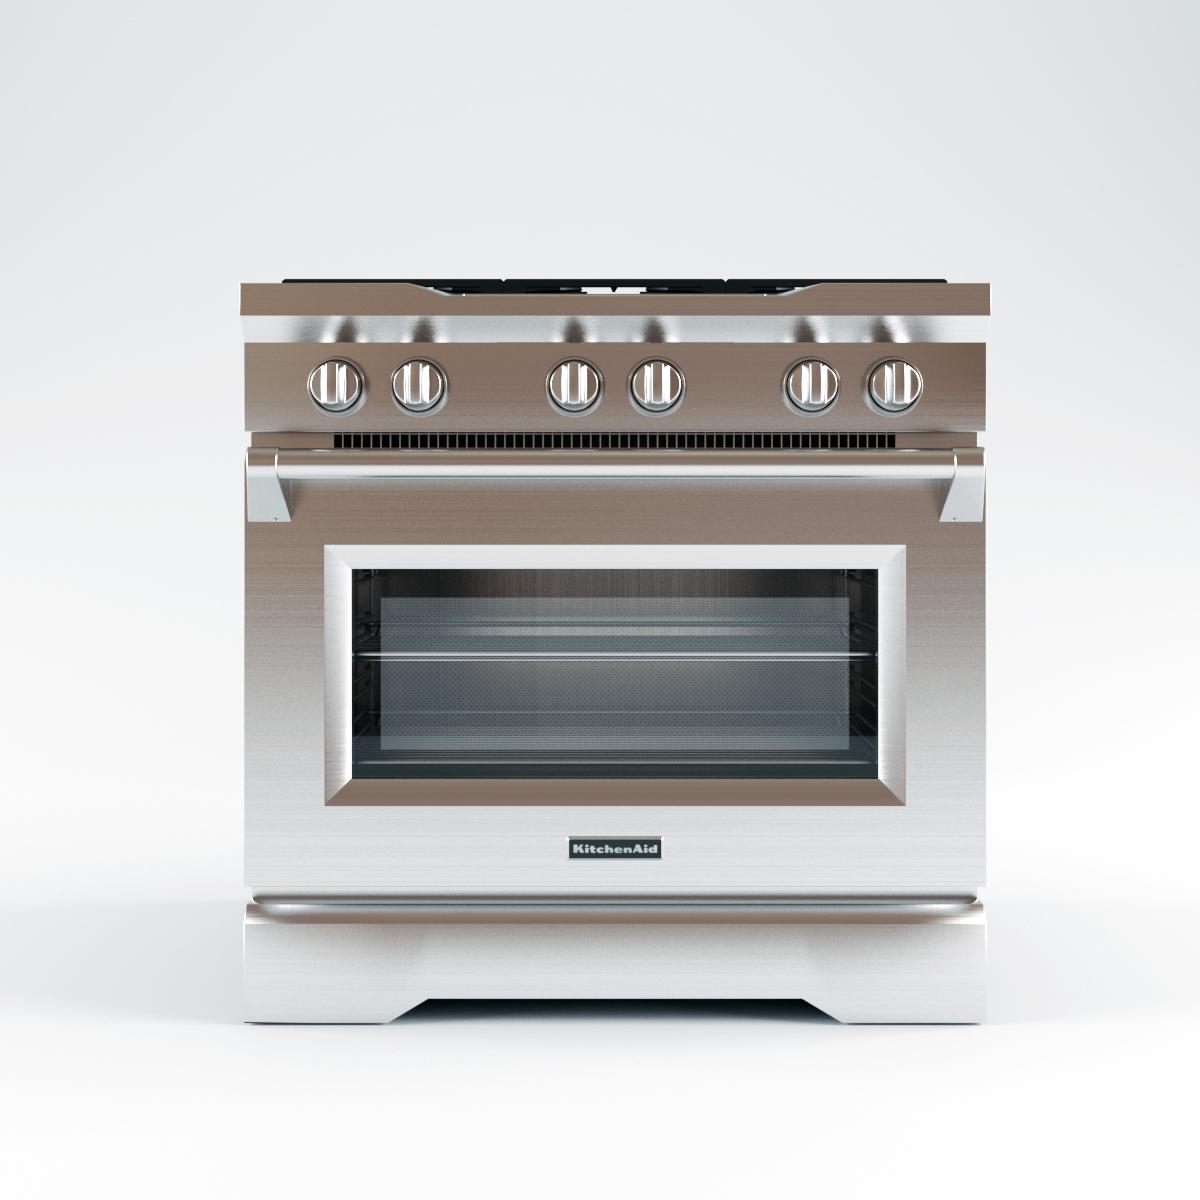 KitchenAid Range KDRS467VMW Oven 3d Model